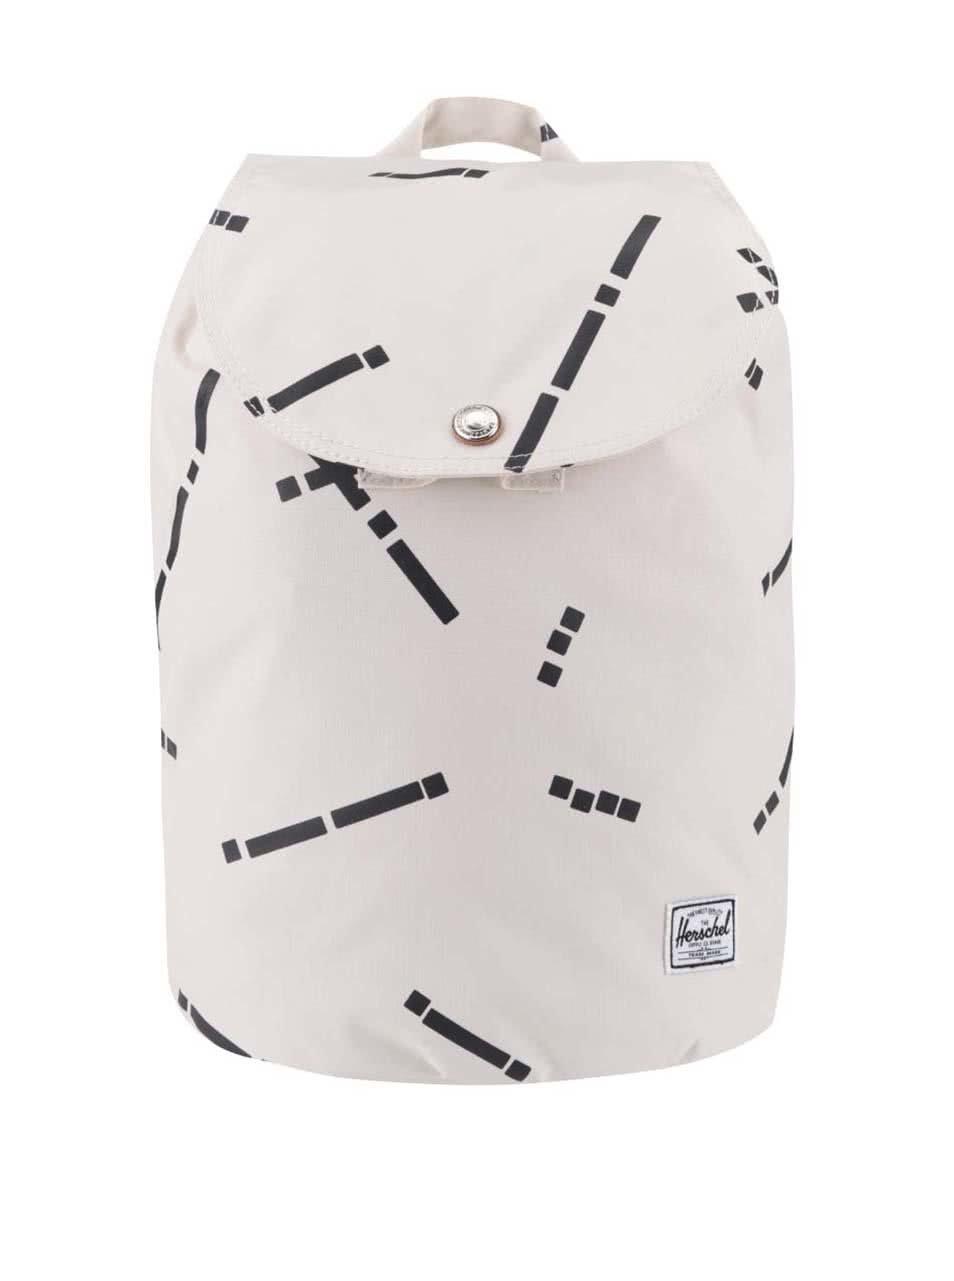 Béžový menší dámský vzorovaný batoh Herschel Reid 10,5 l